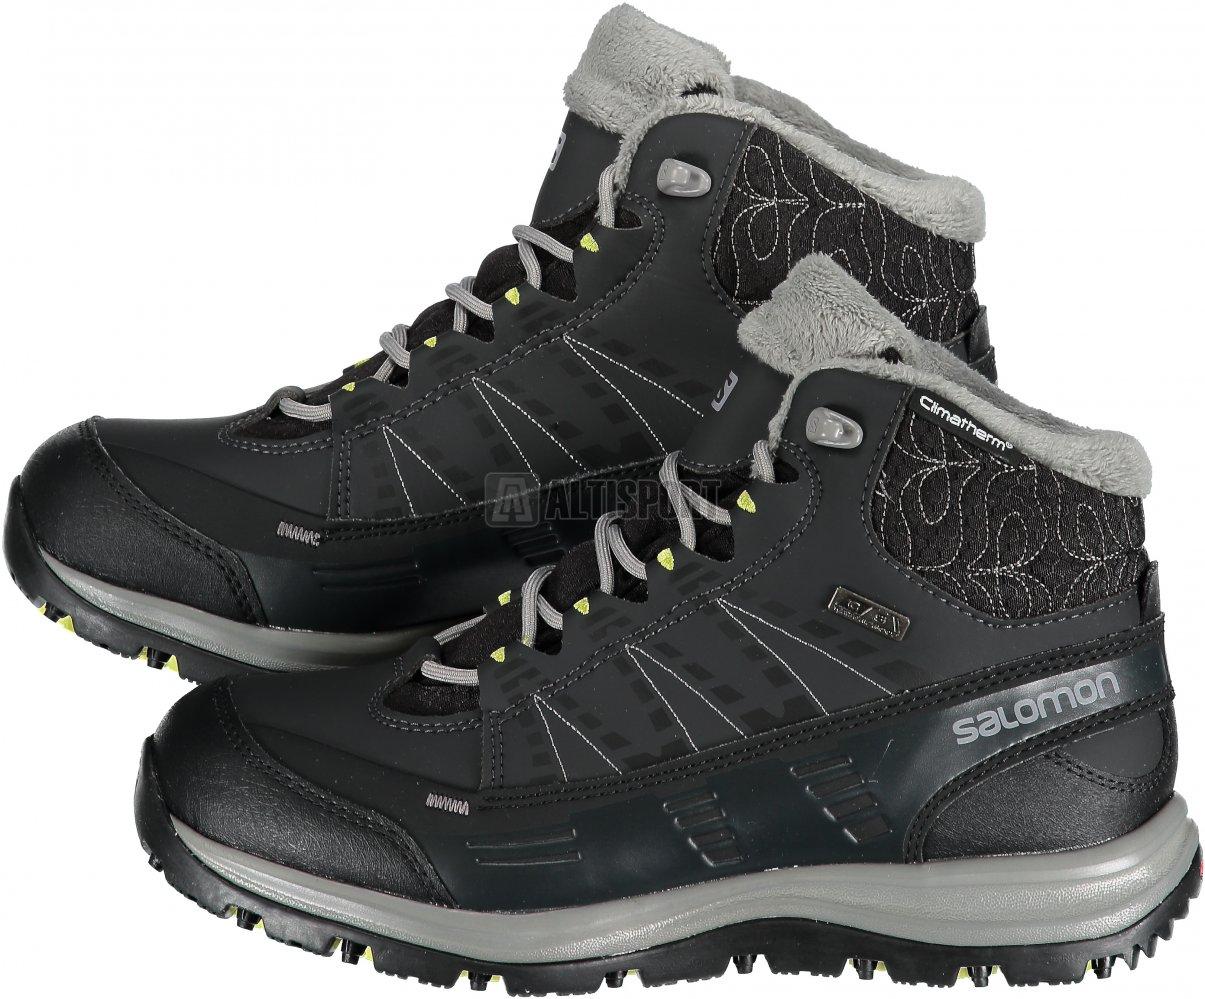 Dámské zimní boty Salomon Kaina CS WP 2 Black asphalt flashy-x ... 8aa3529687